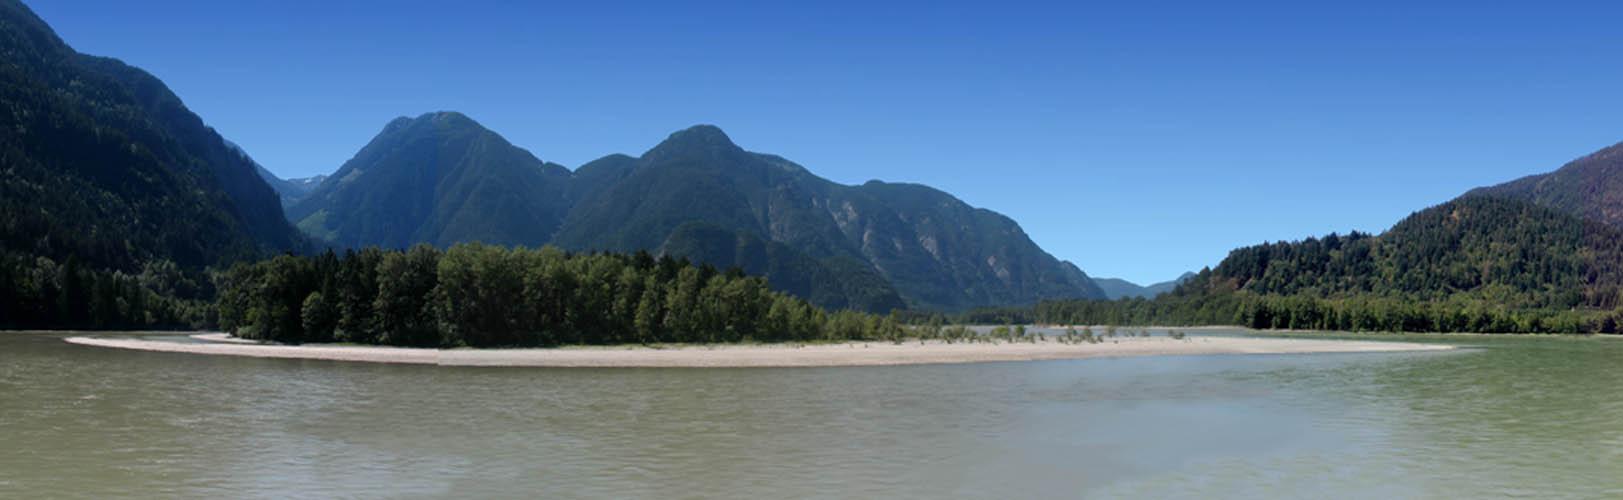 Hope-TCH-Fraser River Panorama -sliver (MarkRuthenberg)